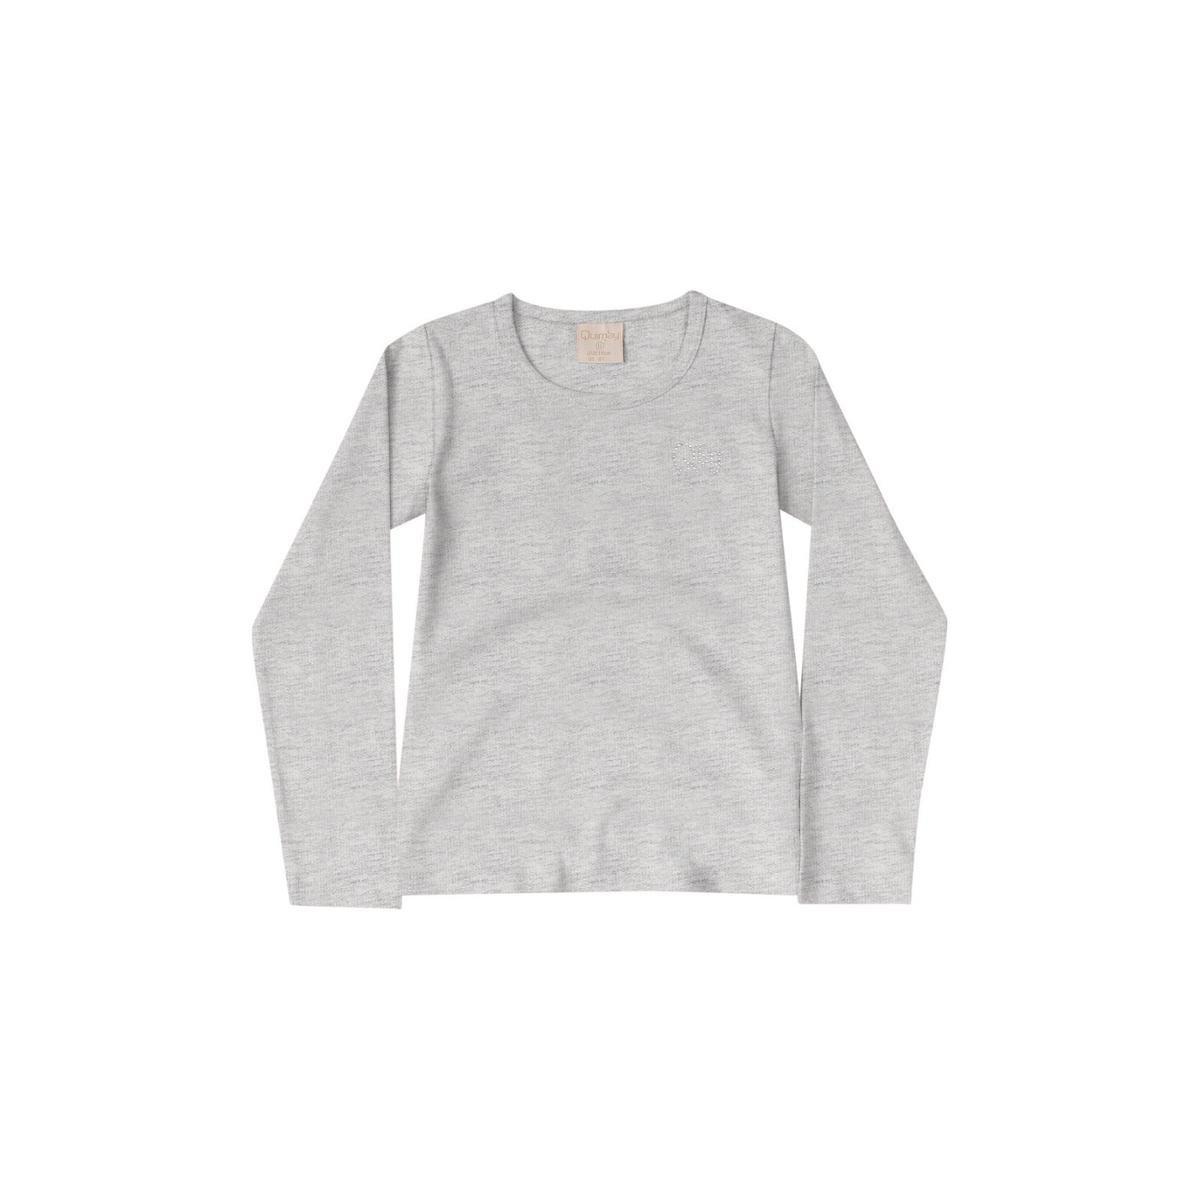 Blusa Infantil Cotton Quimby Feminina - Cinza Claro - Compre Agora ... 91f8438dca3